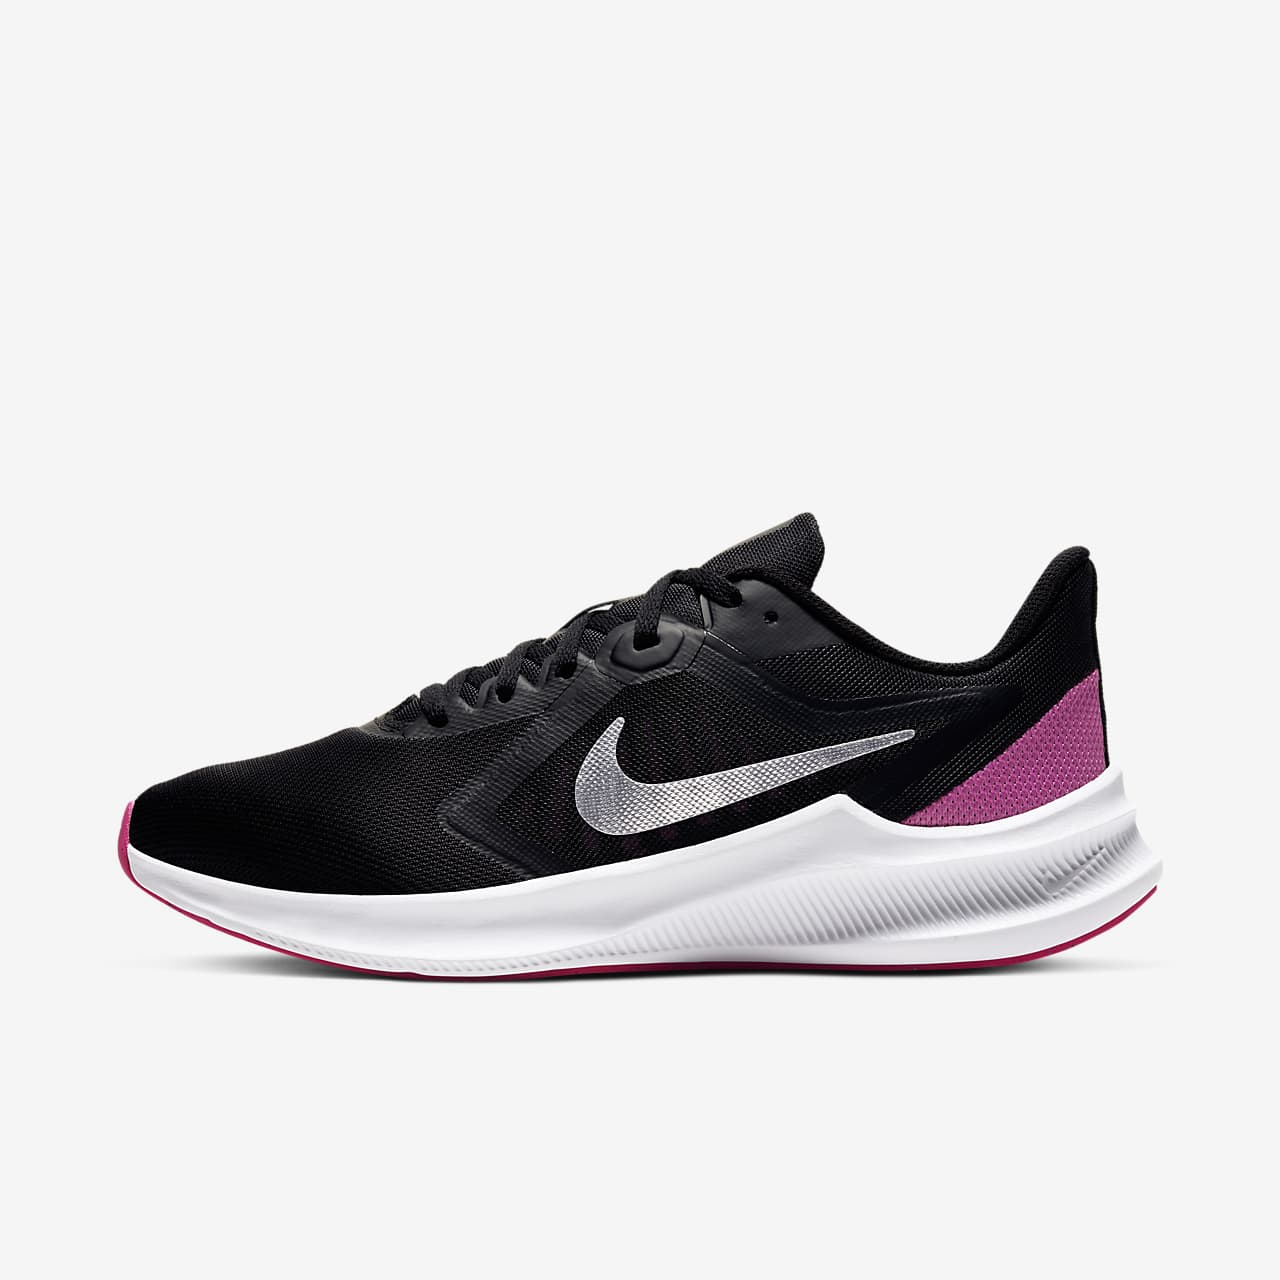 Calzado De Running Para Mujer Ancho Nike Downshifter 10 Nike Com